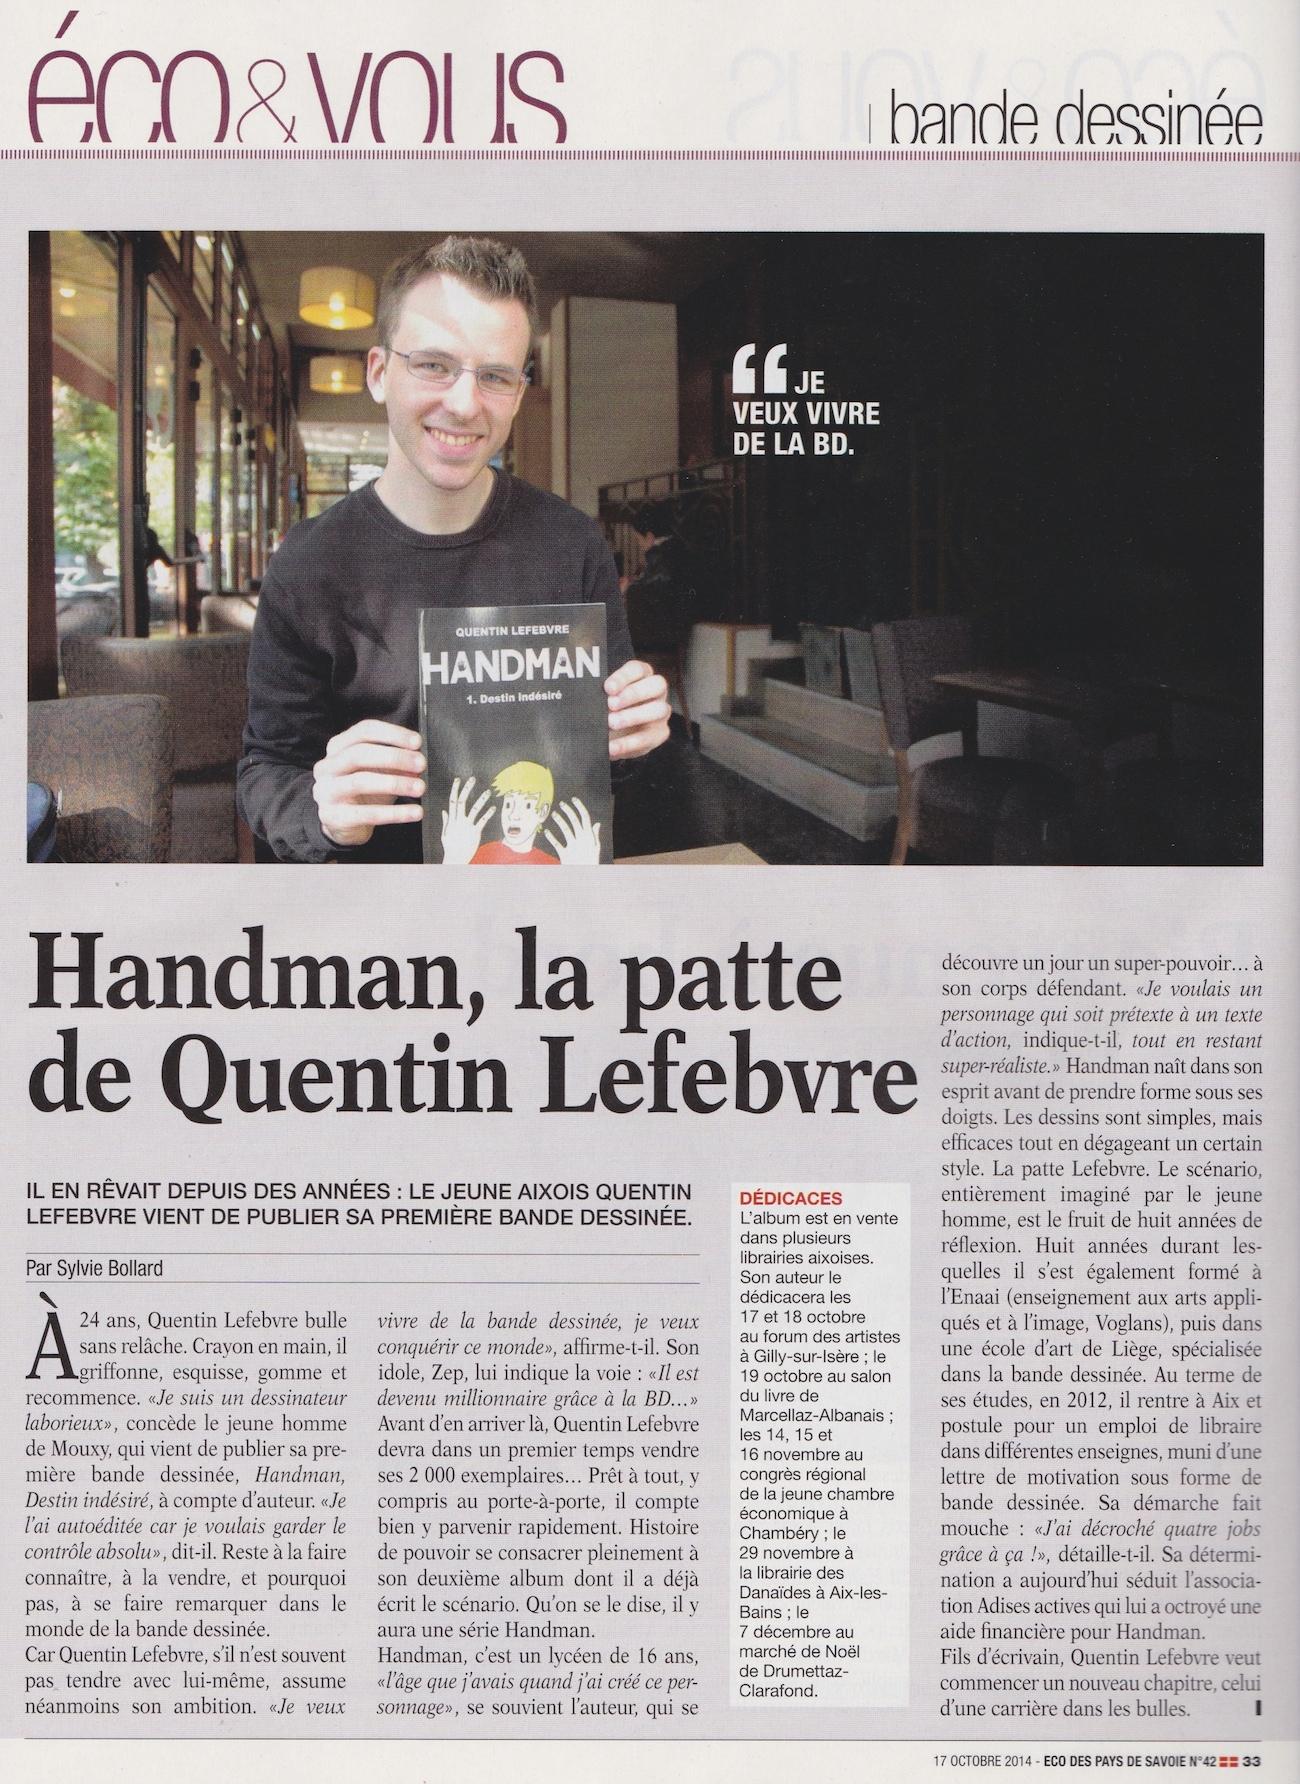 article de journal-l'eco des pays de savoie du 17 octobre2014 parle de handman